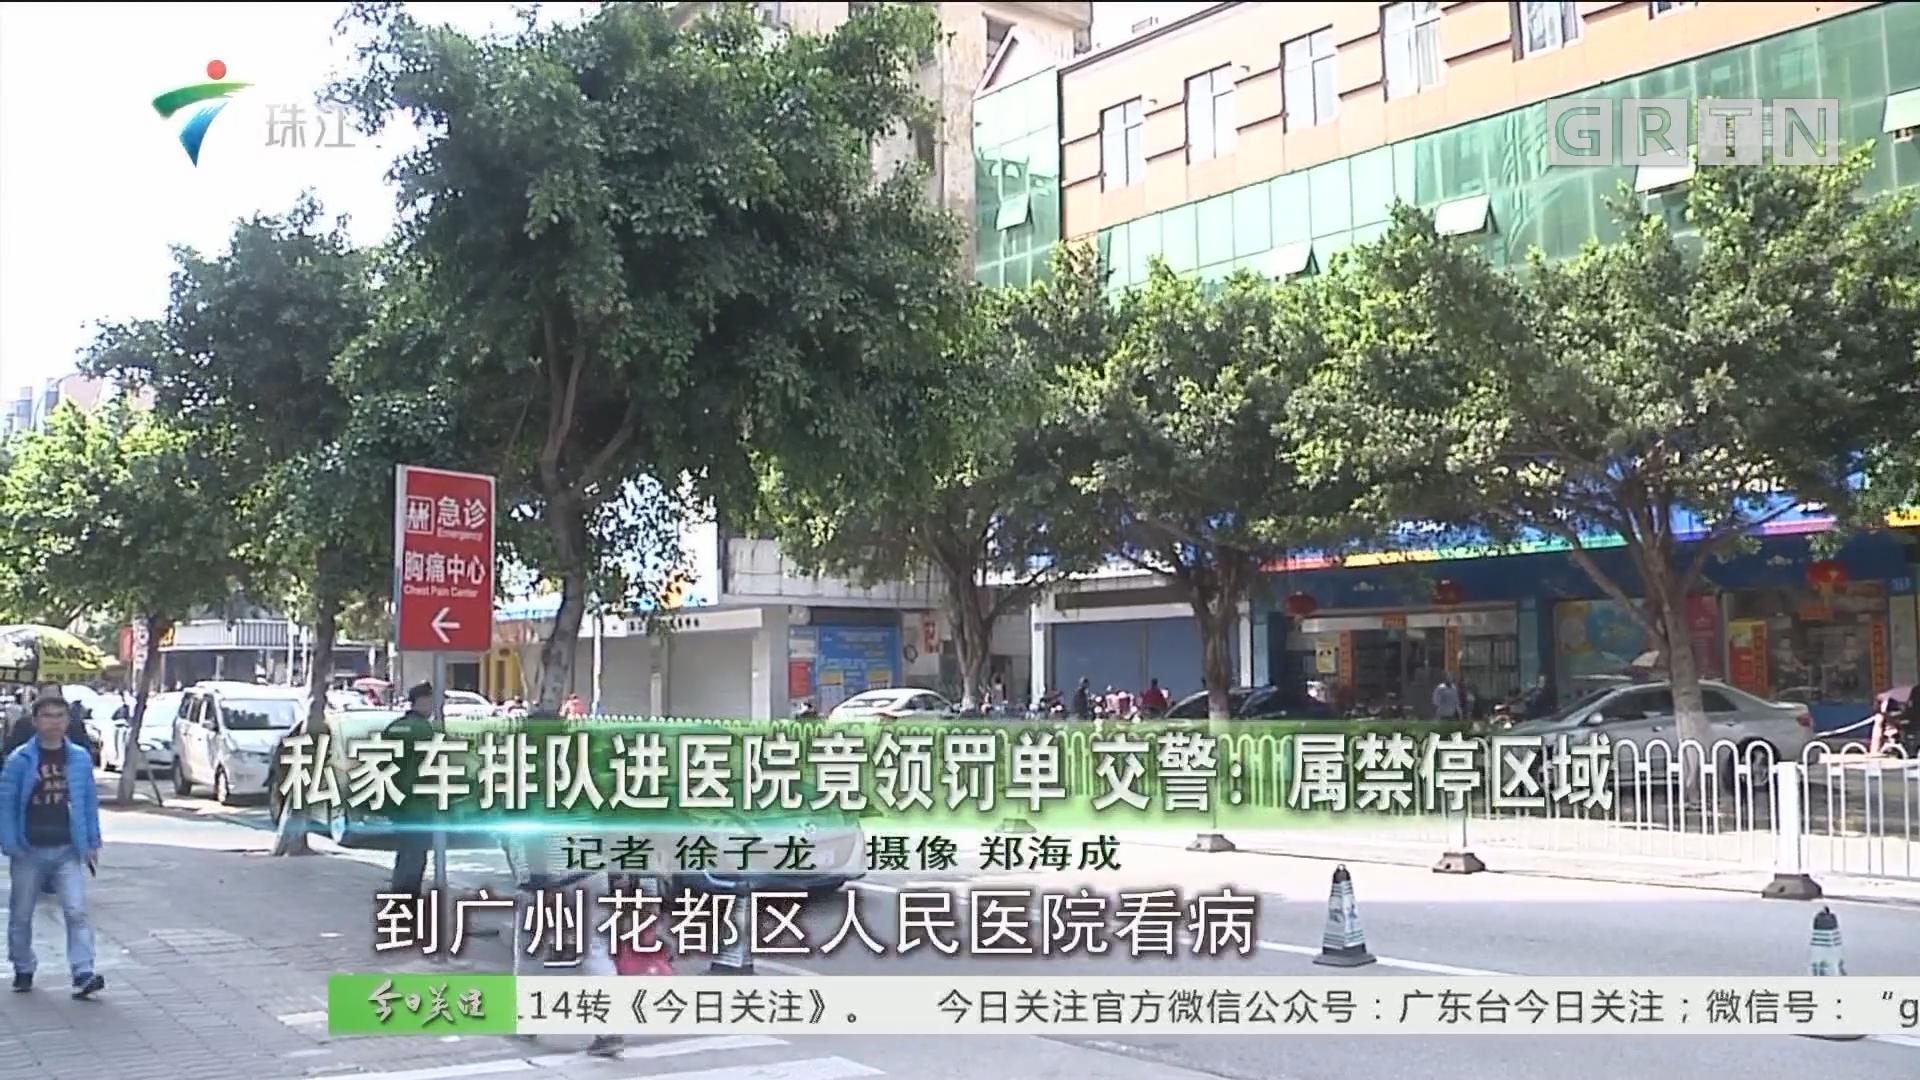 私家车排队进医院竟领罚单 交警:属禁停区域